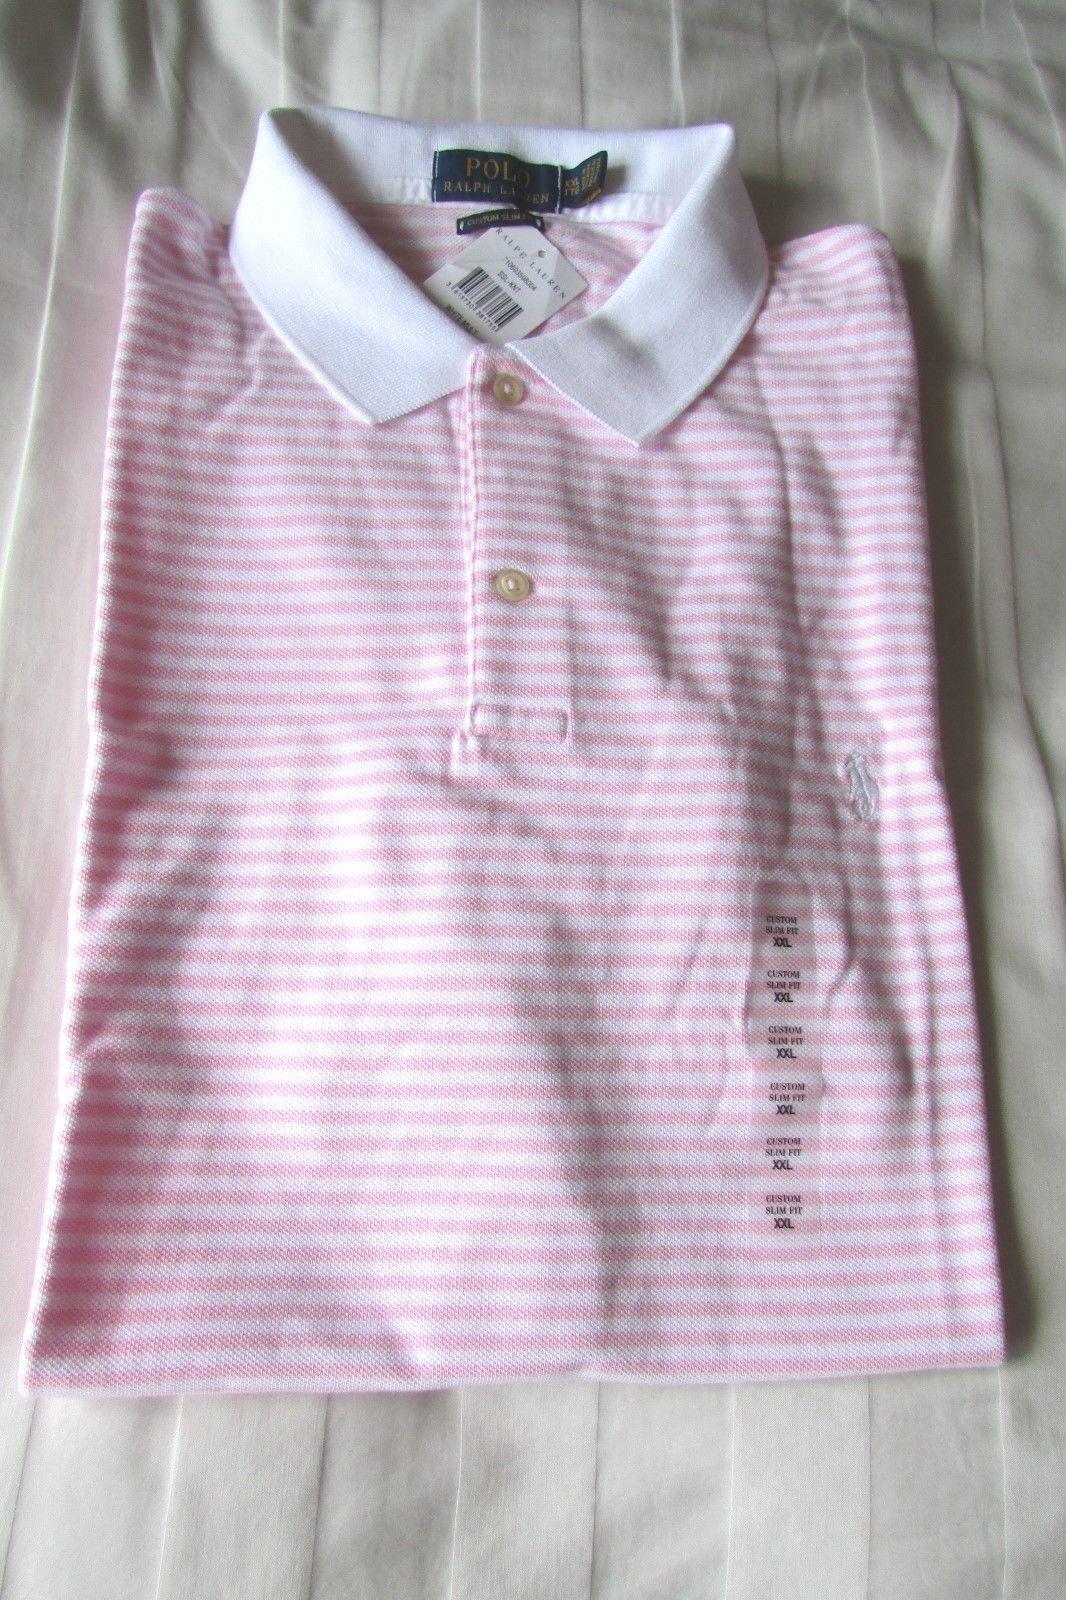 POLO RALPH LAUREN UOMO Custom Fit T Shirt Taglia XXL XXL XXL rosa Nuovo con etichette RRP 64427a